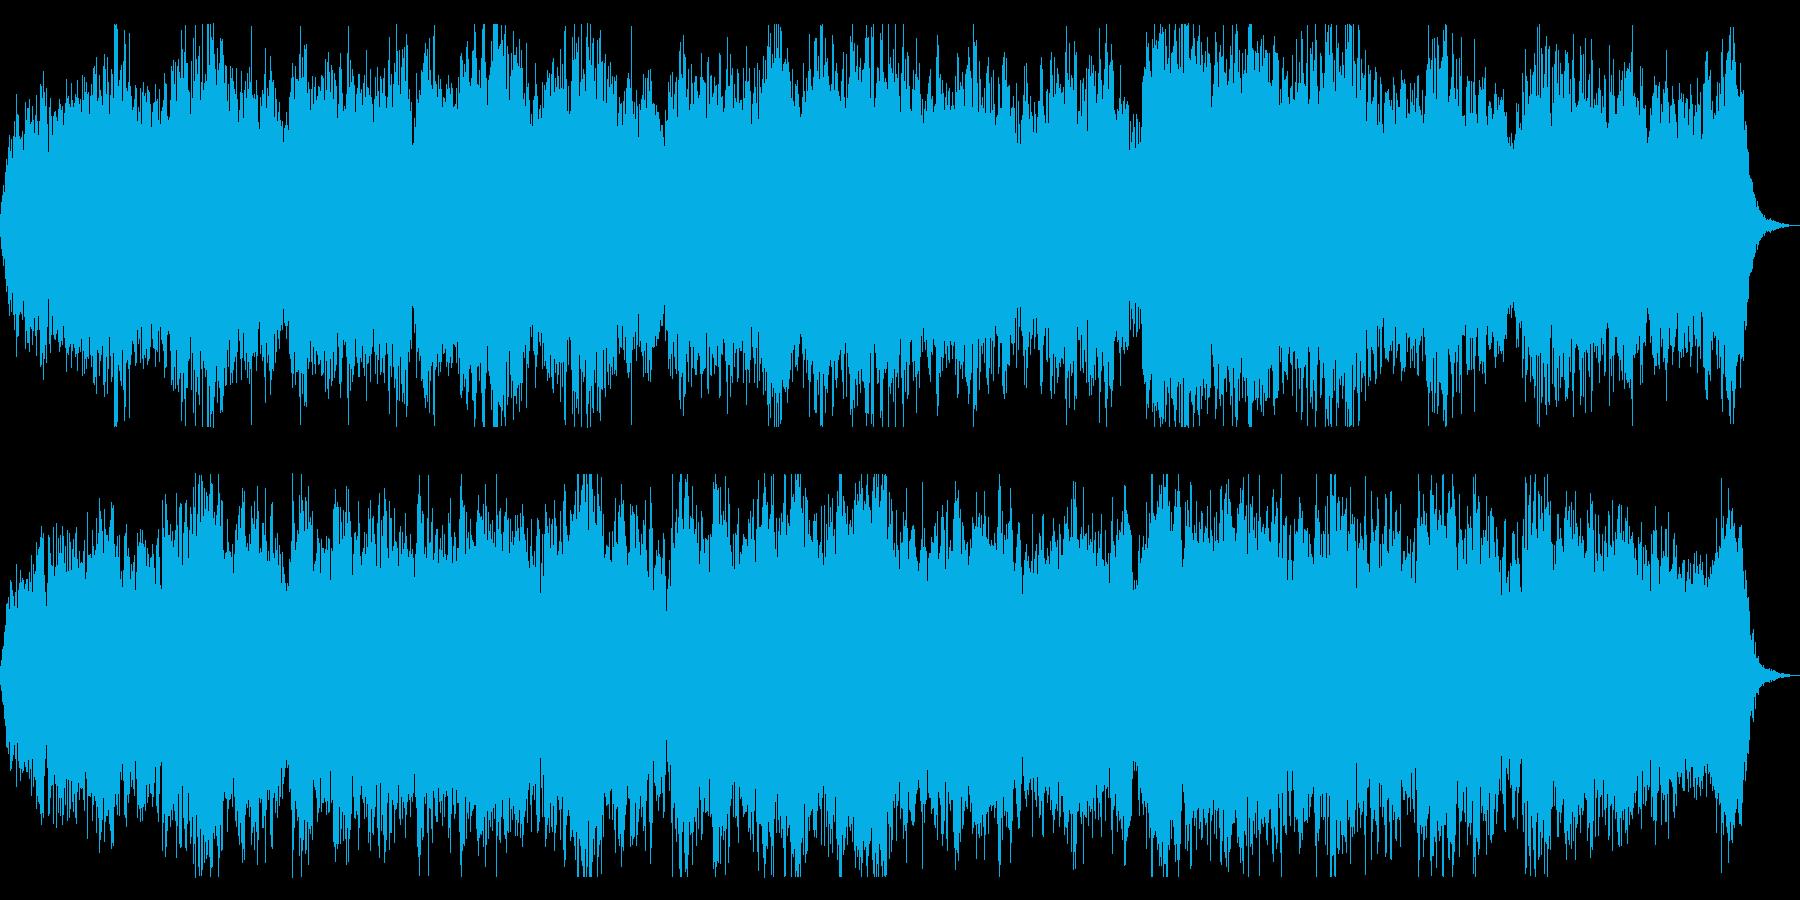 奈落をイメージしたダークアンビエントの再生済みの波形